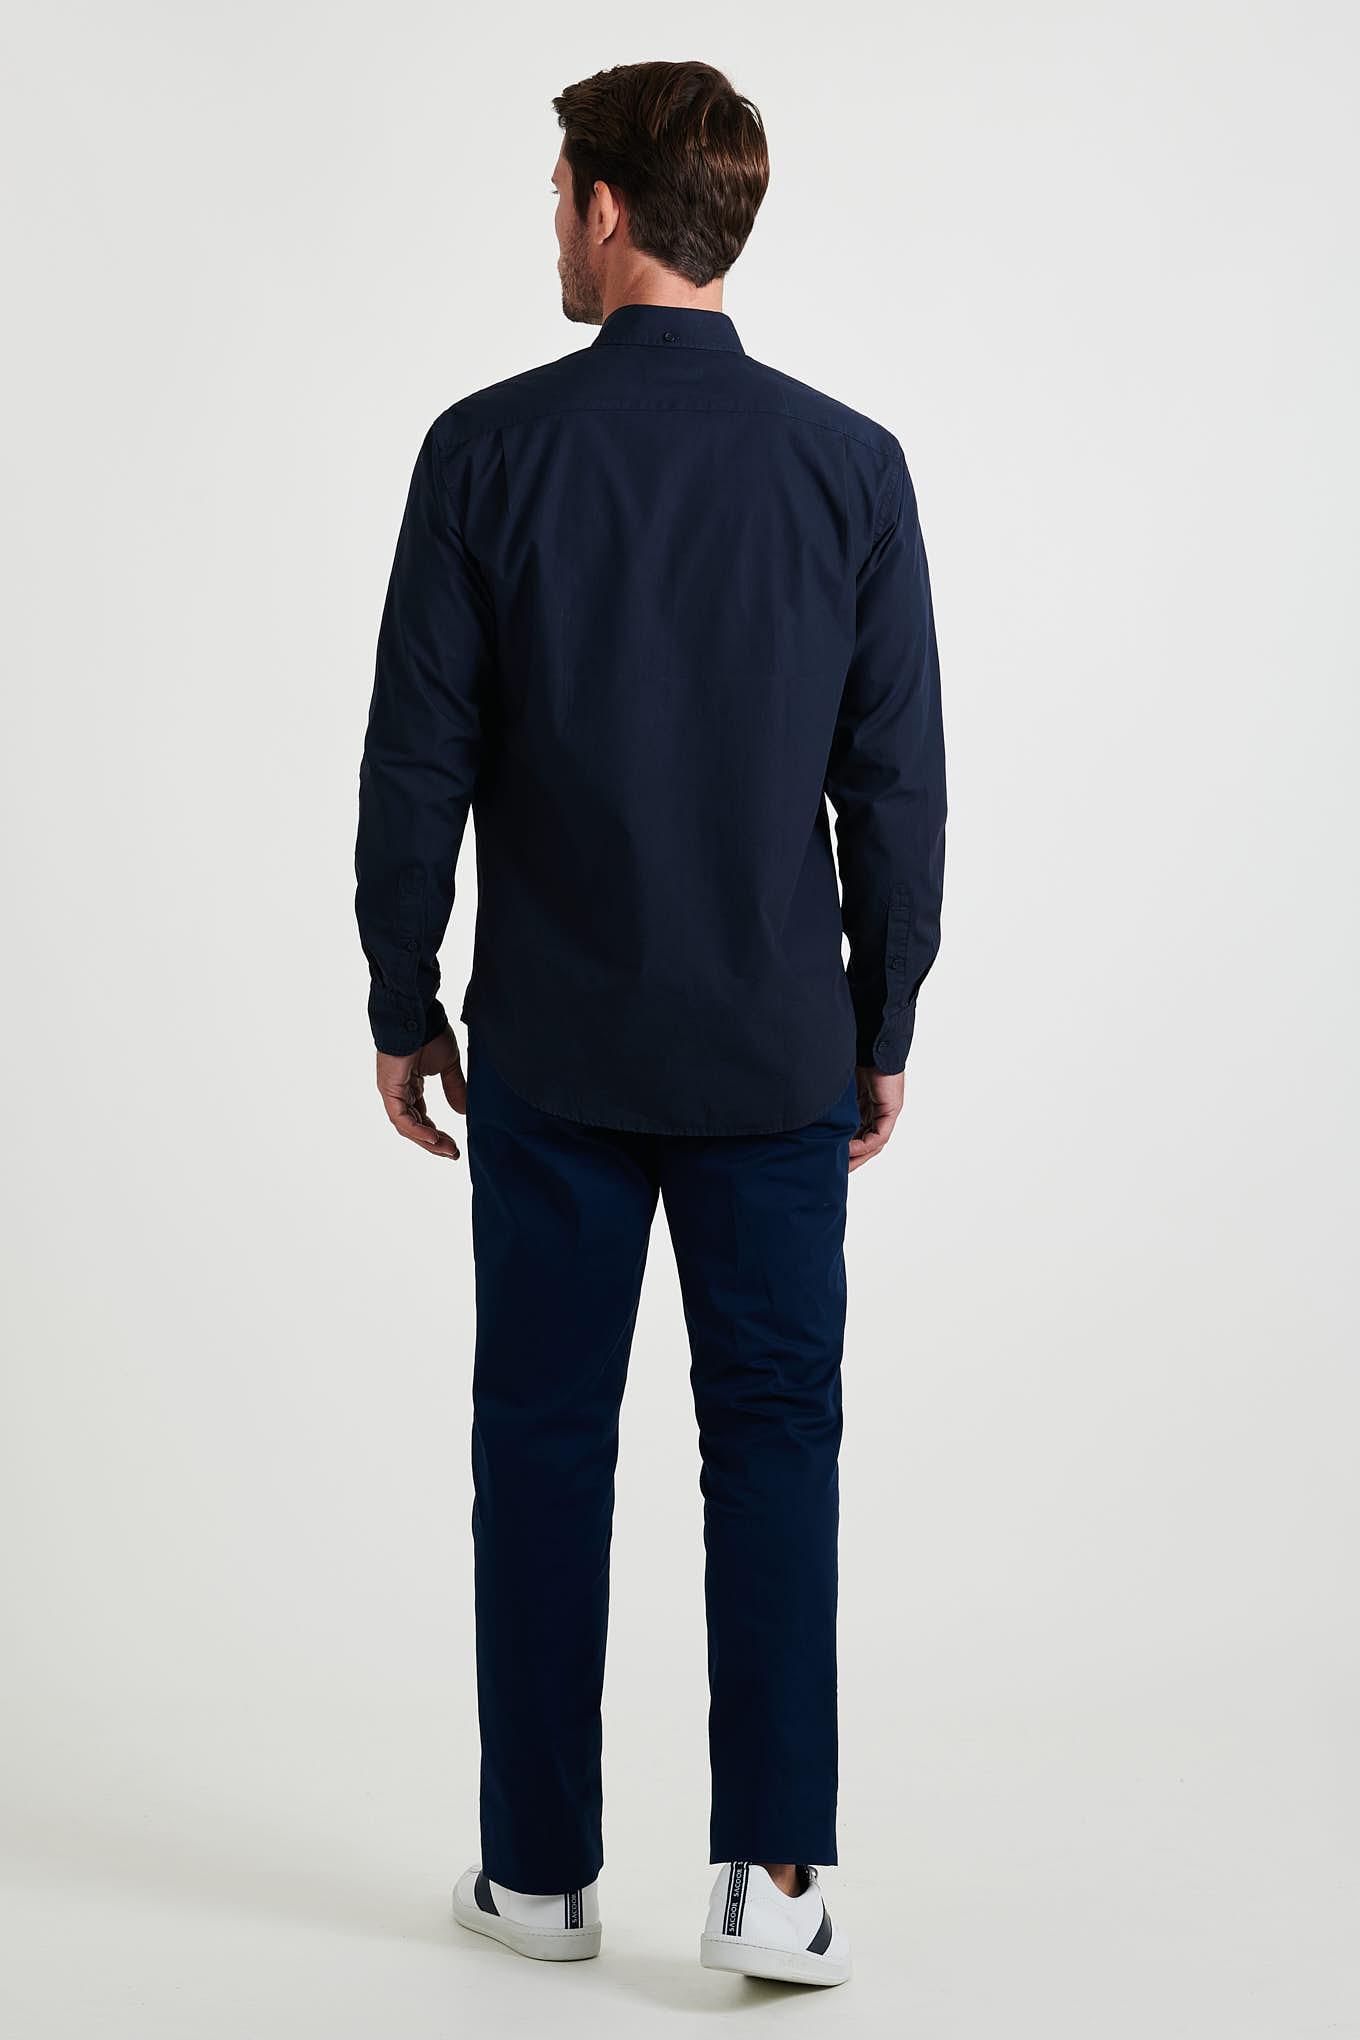 Calças Chino Azul Escuro Casual Homem